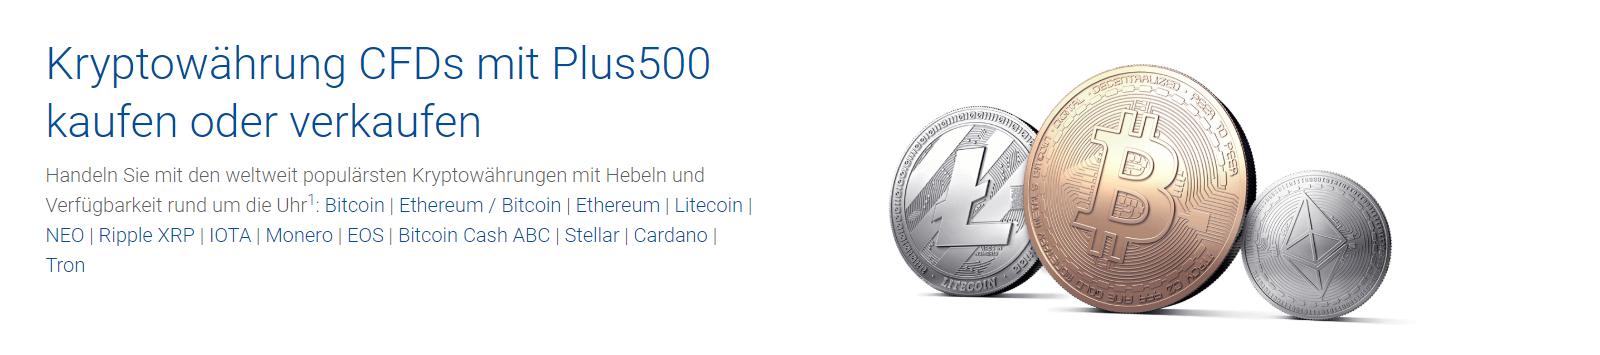 Bei Plus500 können eine Reihe von Kryptowährungen gehandelt werden.